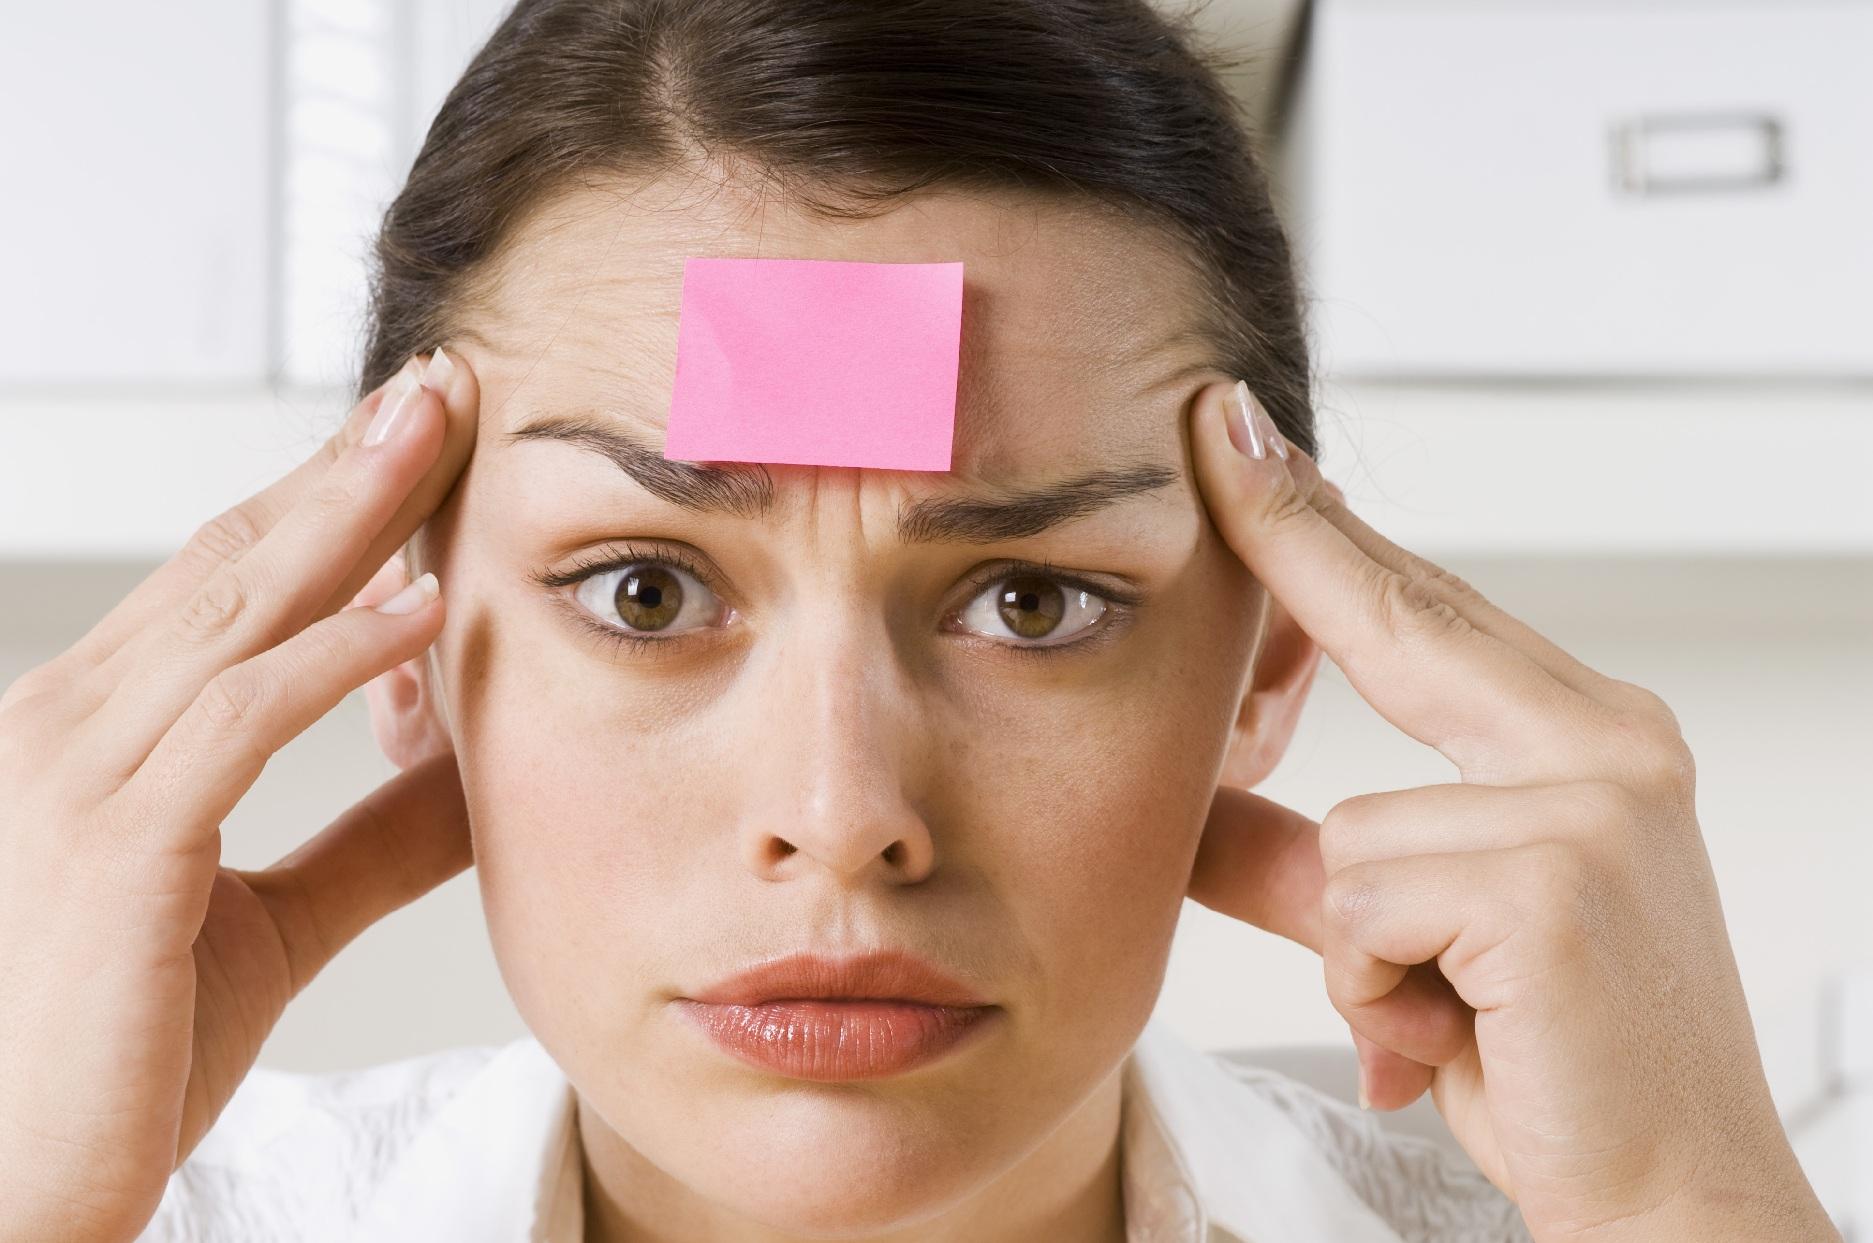 Հիշողության վատթարացման հիմնական պատճառները. Տեսանյութ